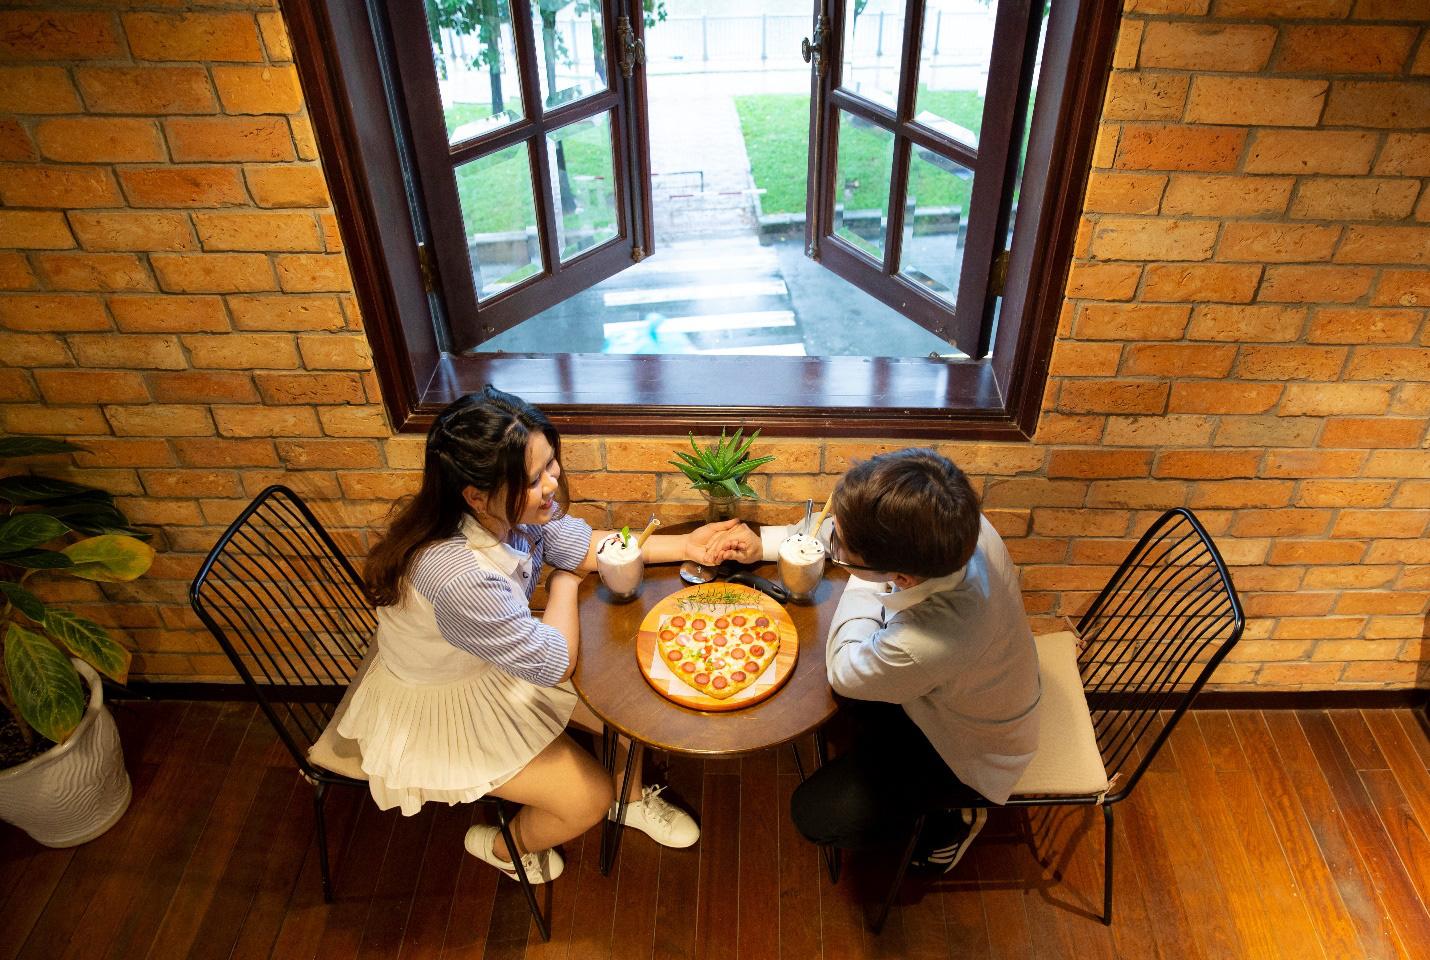 Quá sức độc đáo với bánh pizza hình trái tim và ngôi sao tại Thiên Hạt Coffee, đẹp khiến không nỡ ăn - Ảnh 5.